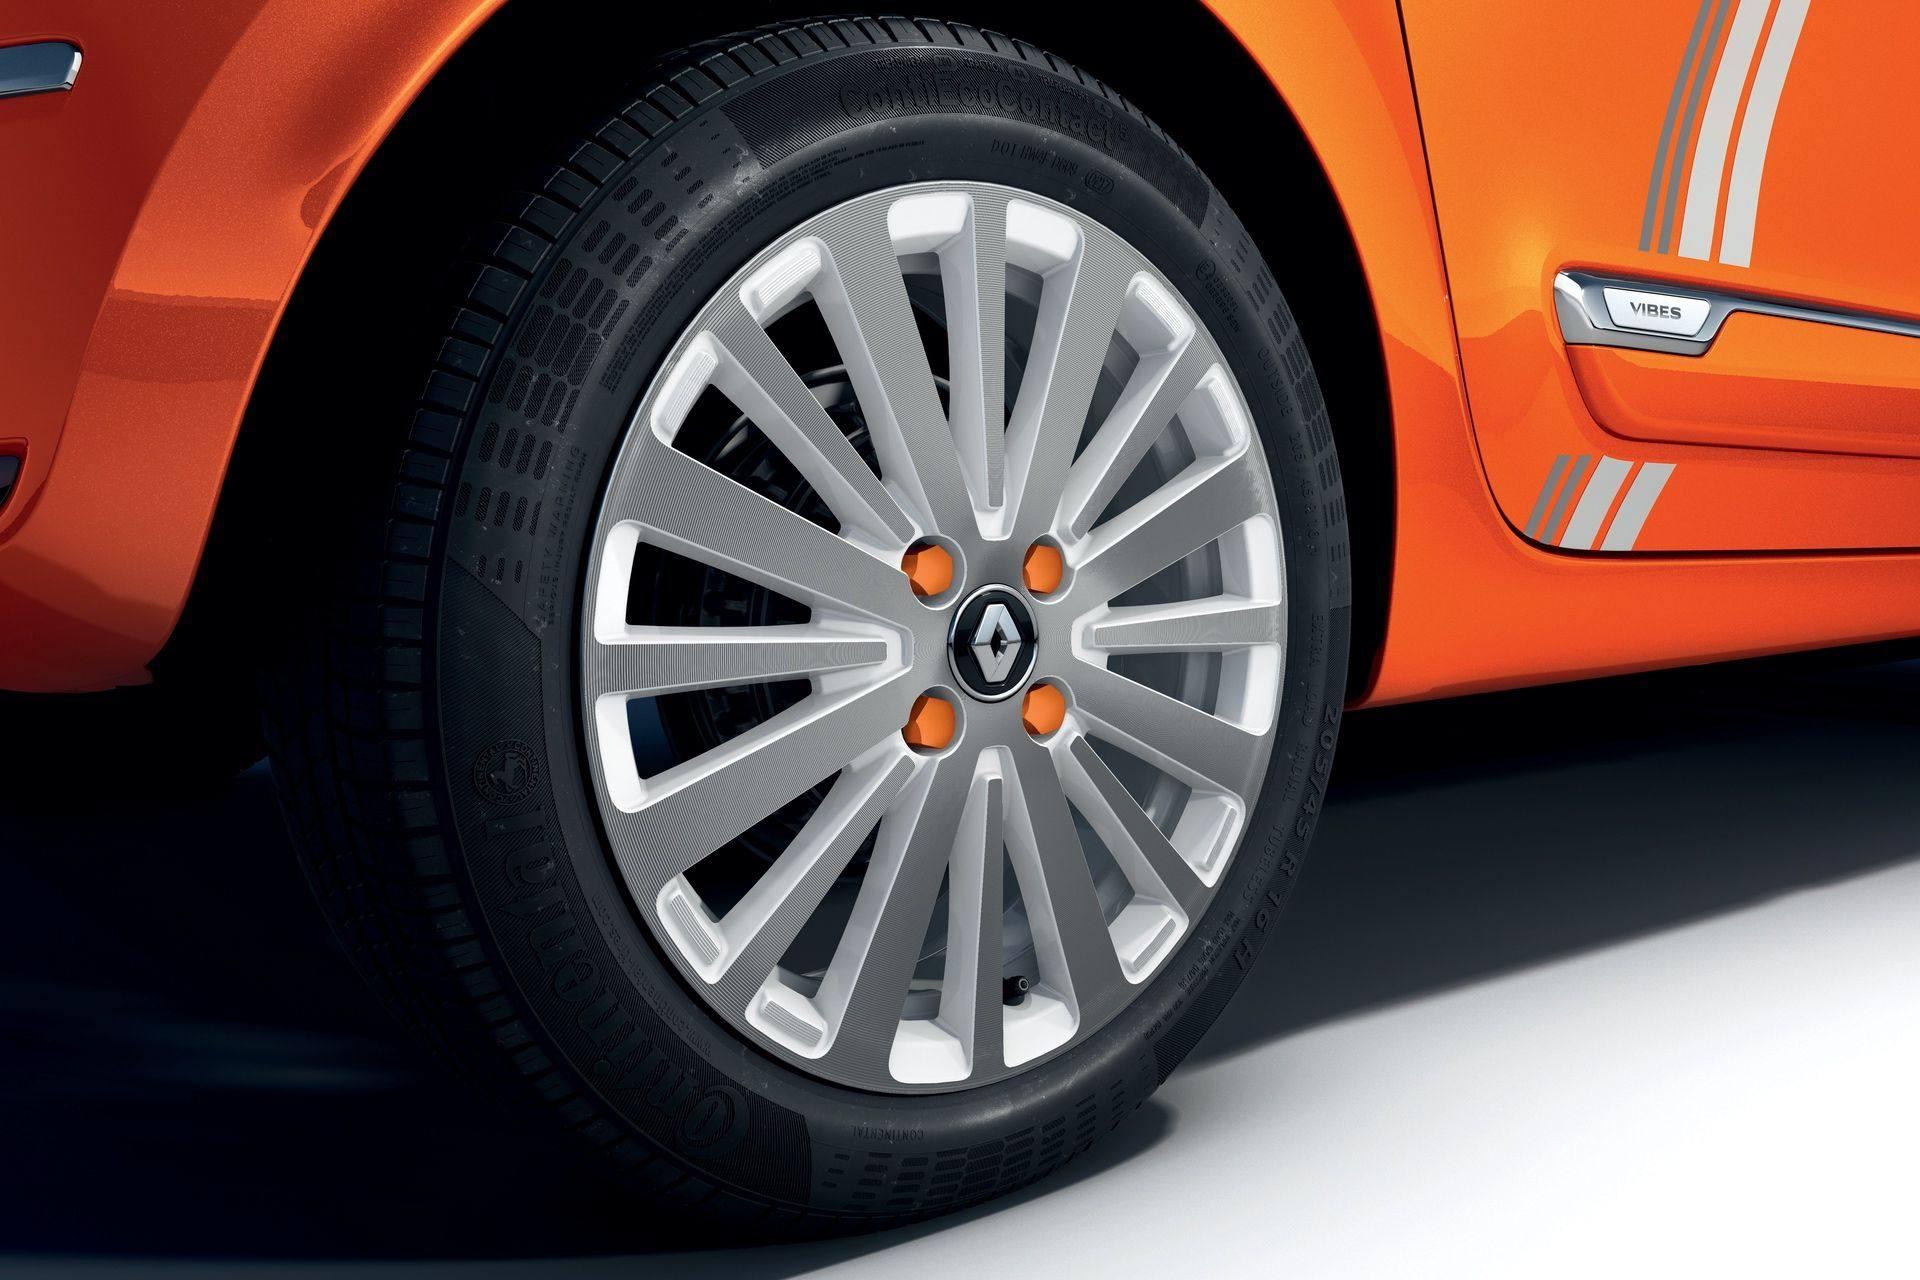 Renault_Twingo_ZE_Vibes_0006